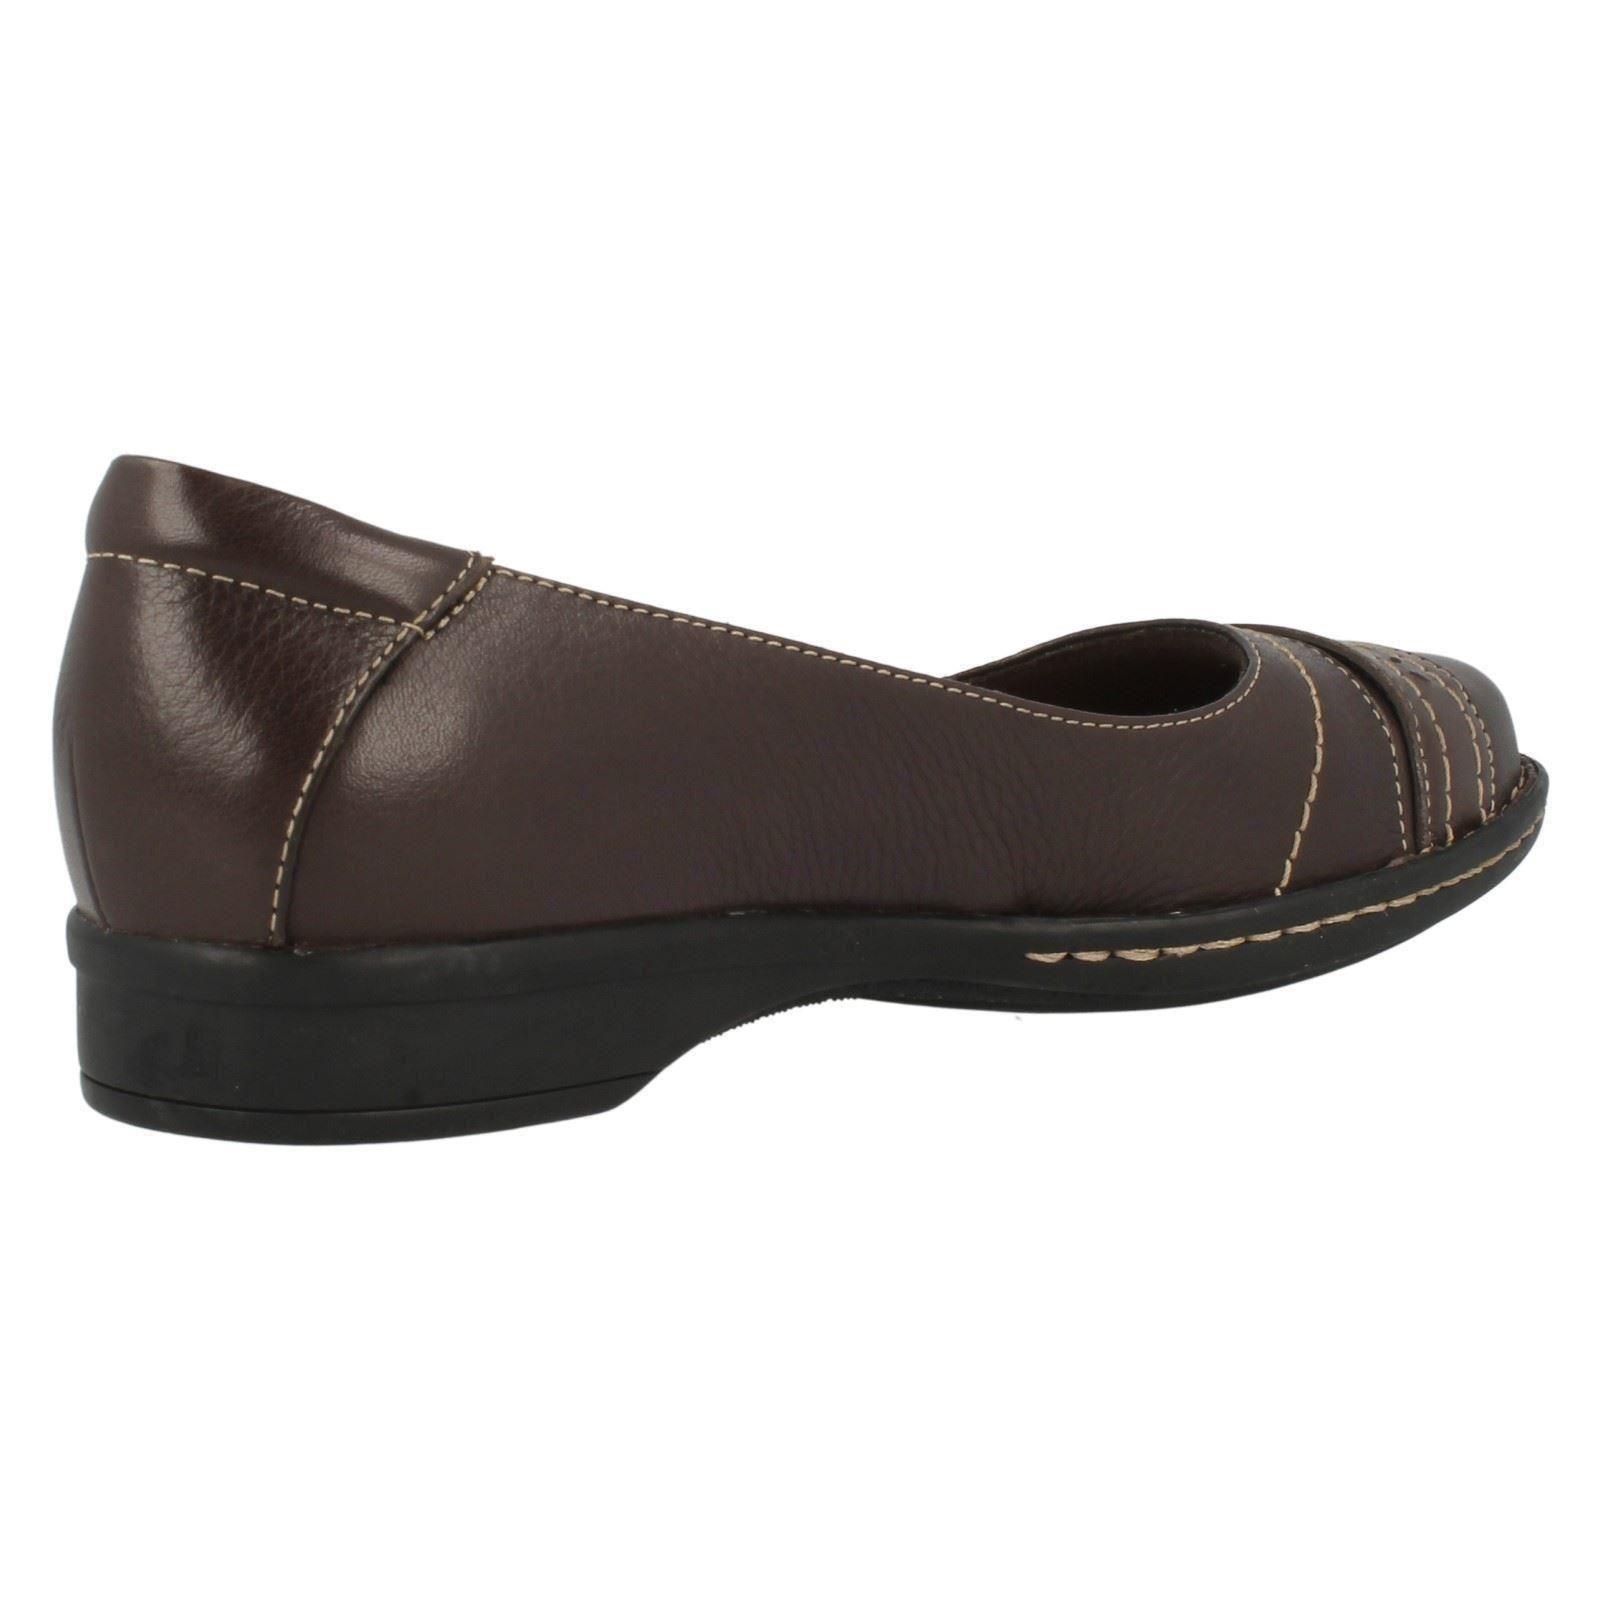 Damas Clarks Casual Zapatos sin Taco Estilo-Esmond Duchess